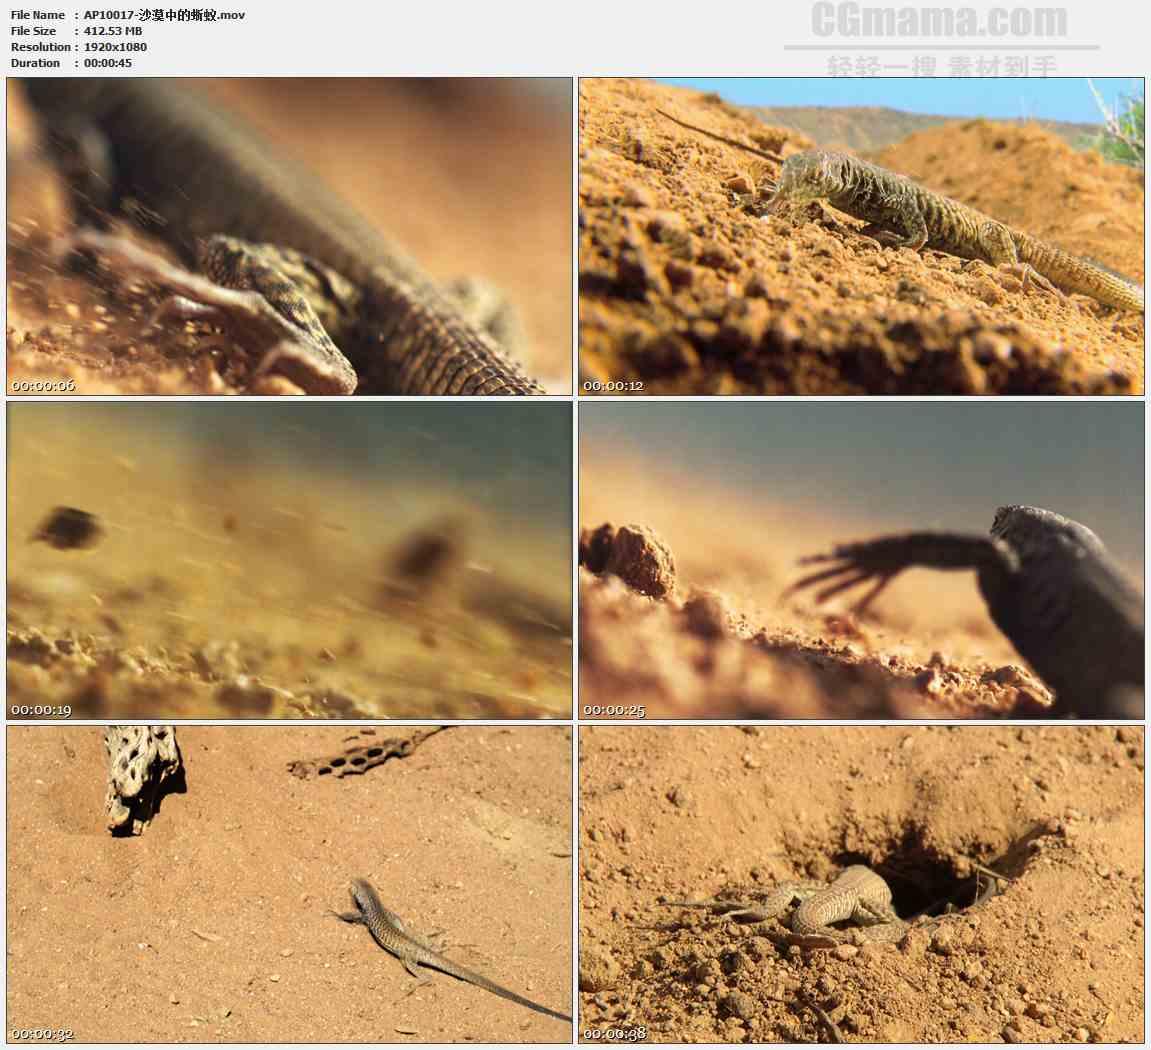 AP10017-蜥蜴爬行呼吸吐舌特写高清实拍视频素材